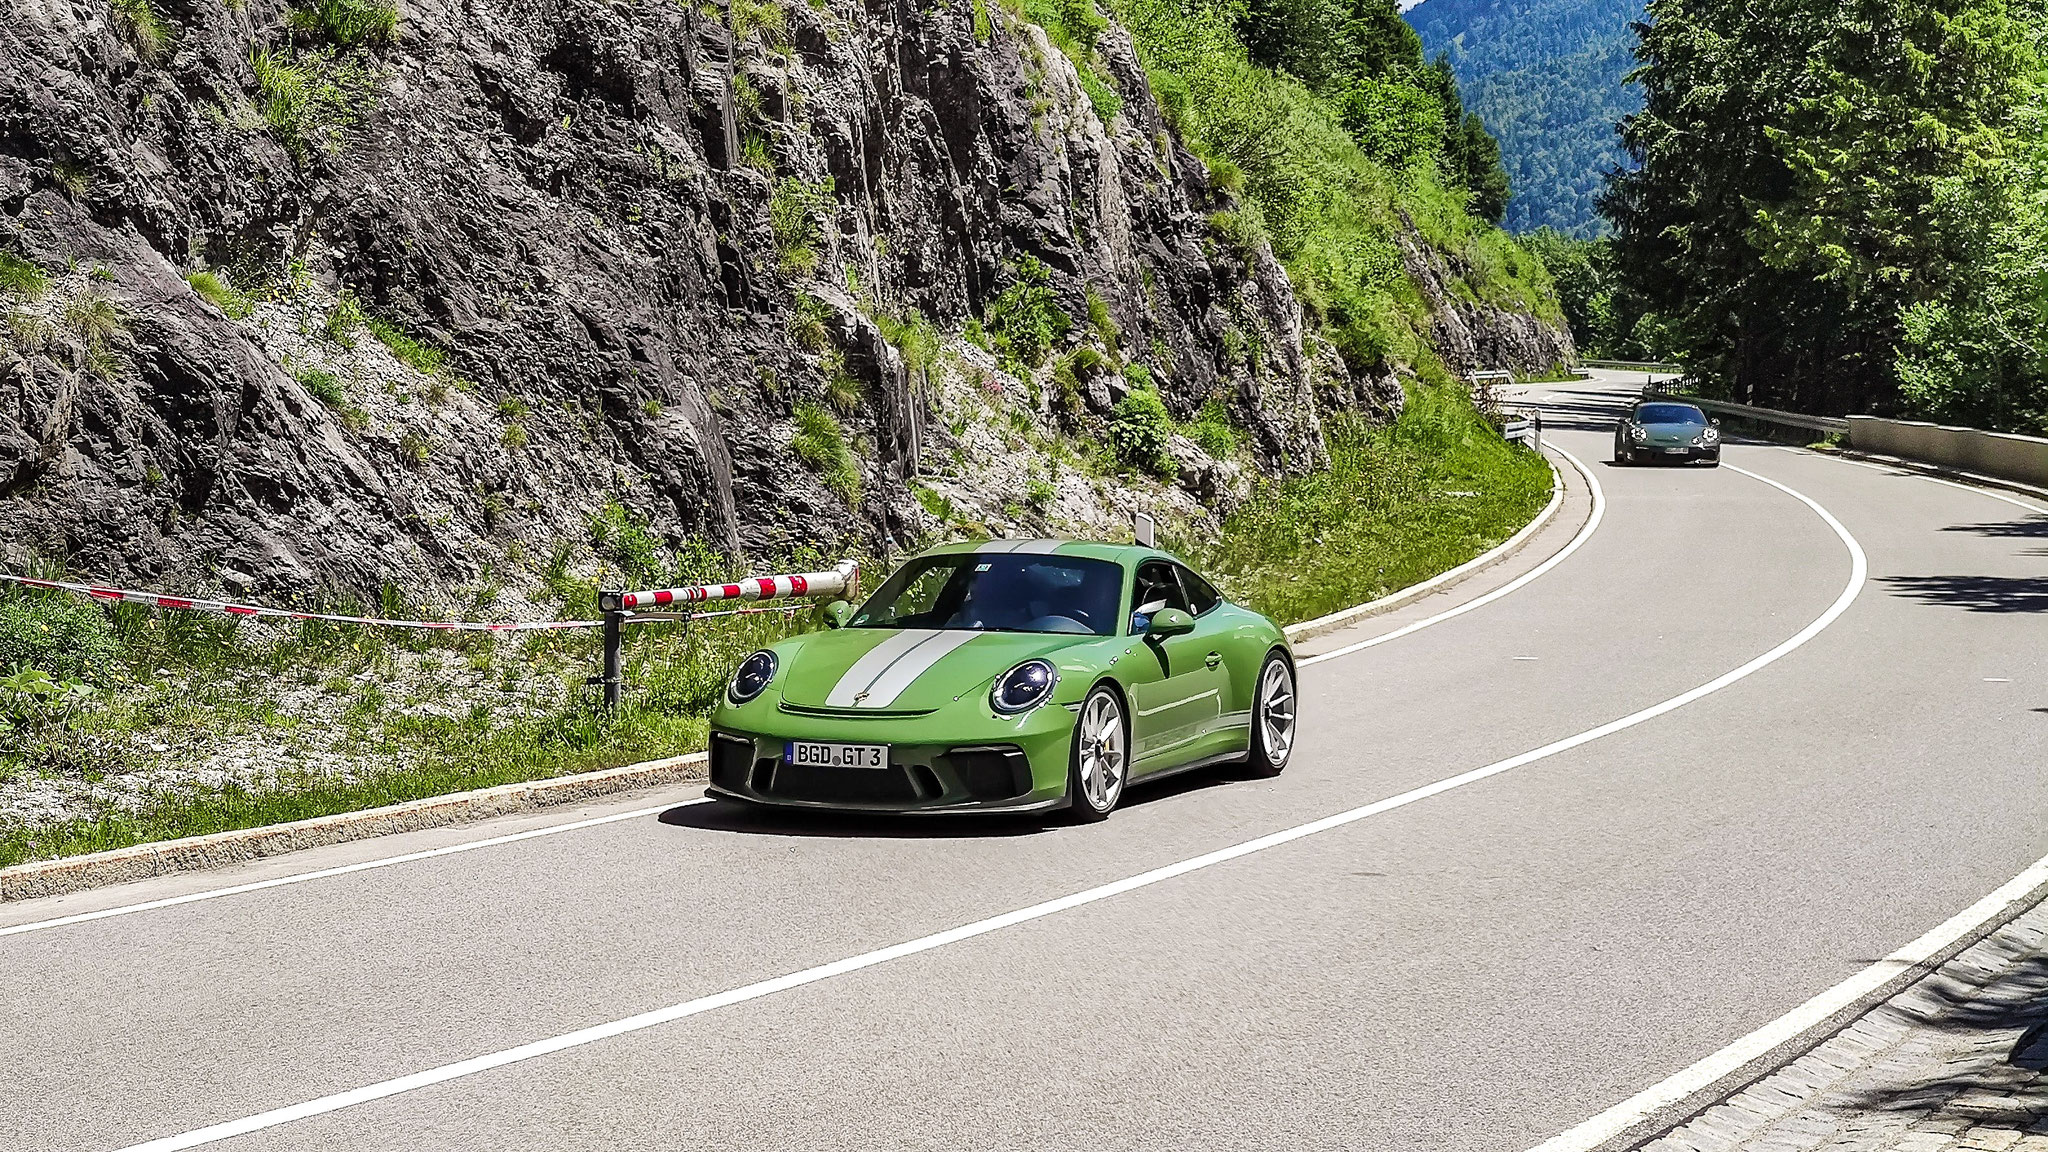 Porsche 991 GT3 Touring Package - BGD-GT-3